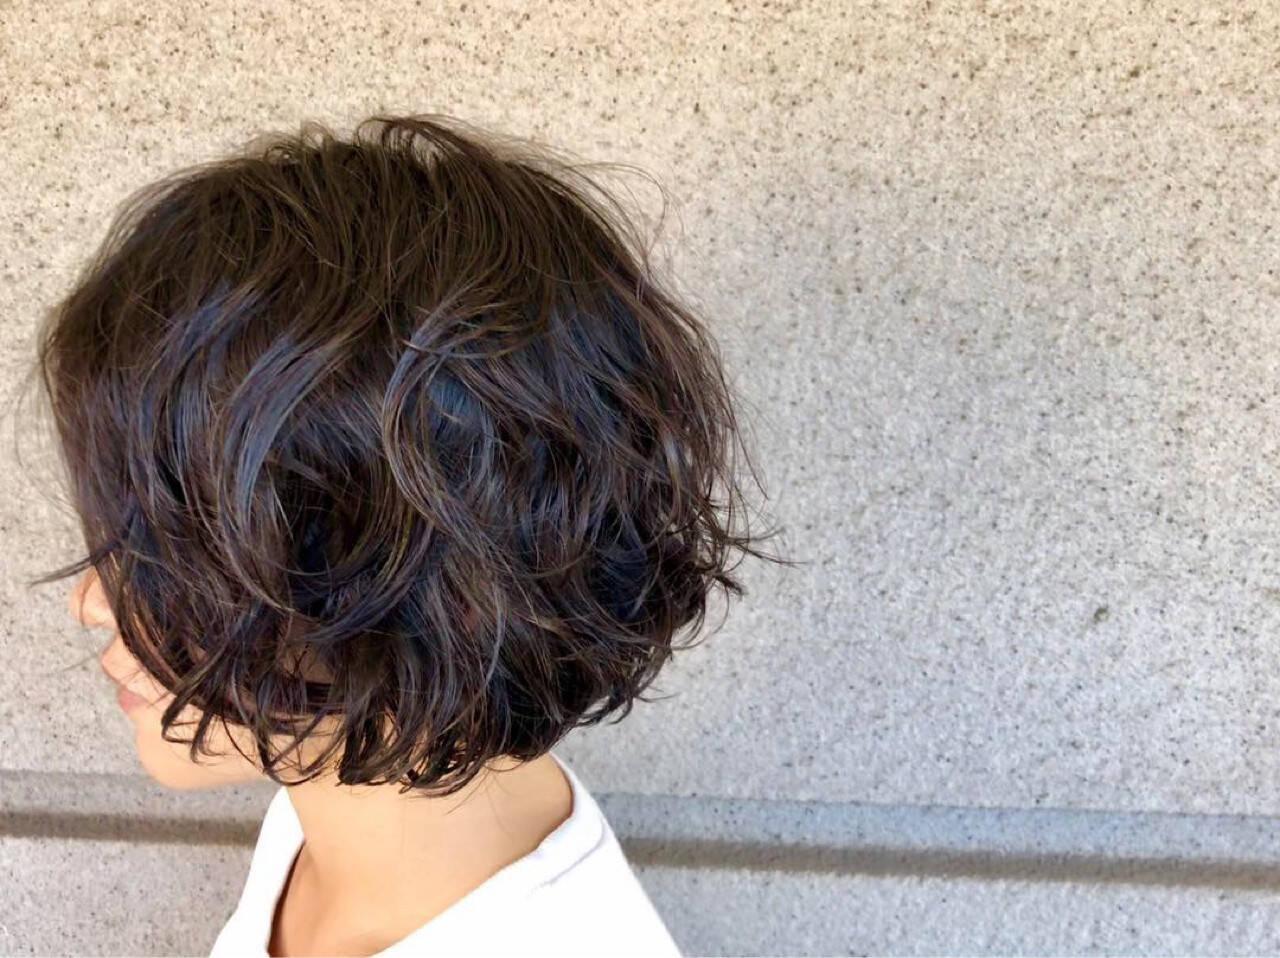 ナチュラル 簡単 パーマ ウェーブヘアスタイルや髪型の写真・画像